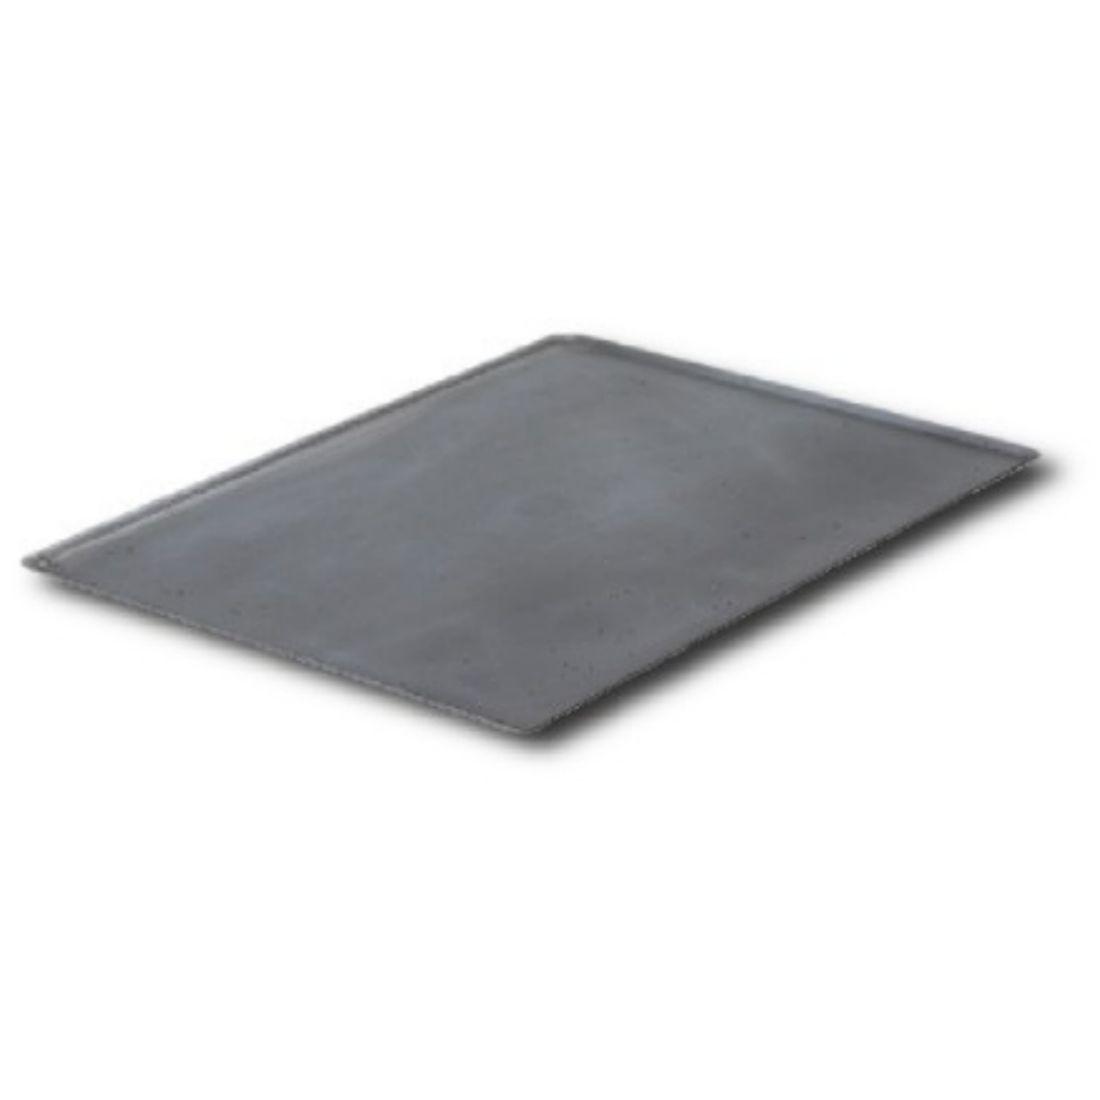 Plech na pečení - černá ocel 600 x 400 x 10 mm